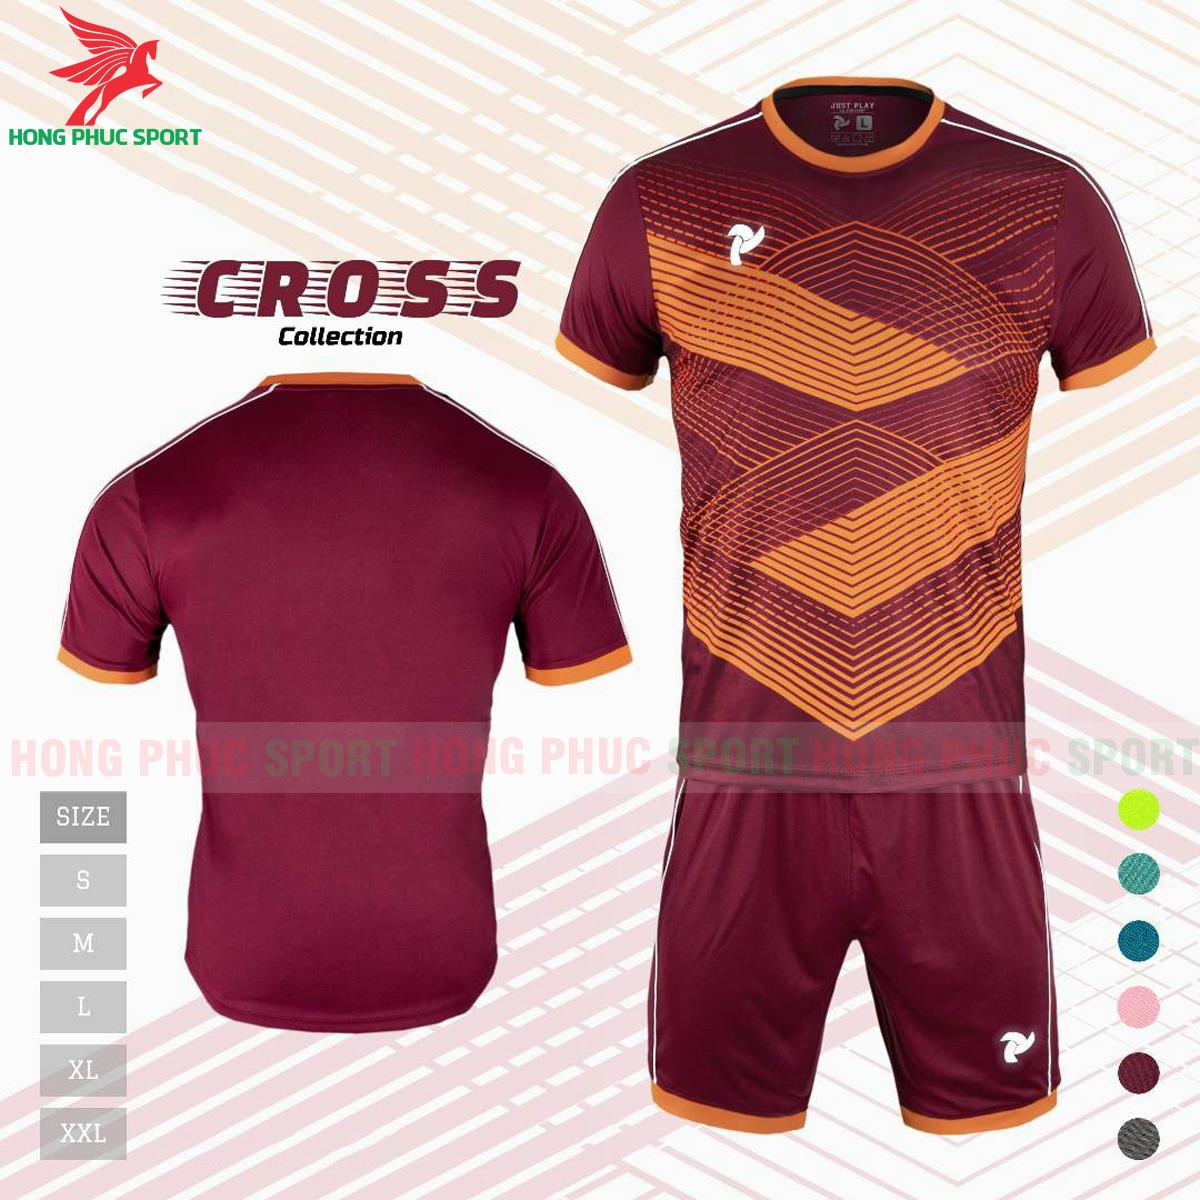 Áo đấu không logo Justplay Cross 2021 màu đỏ đô